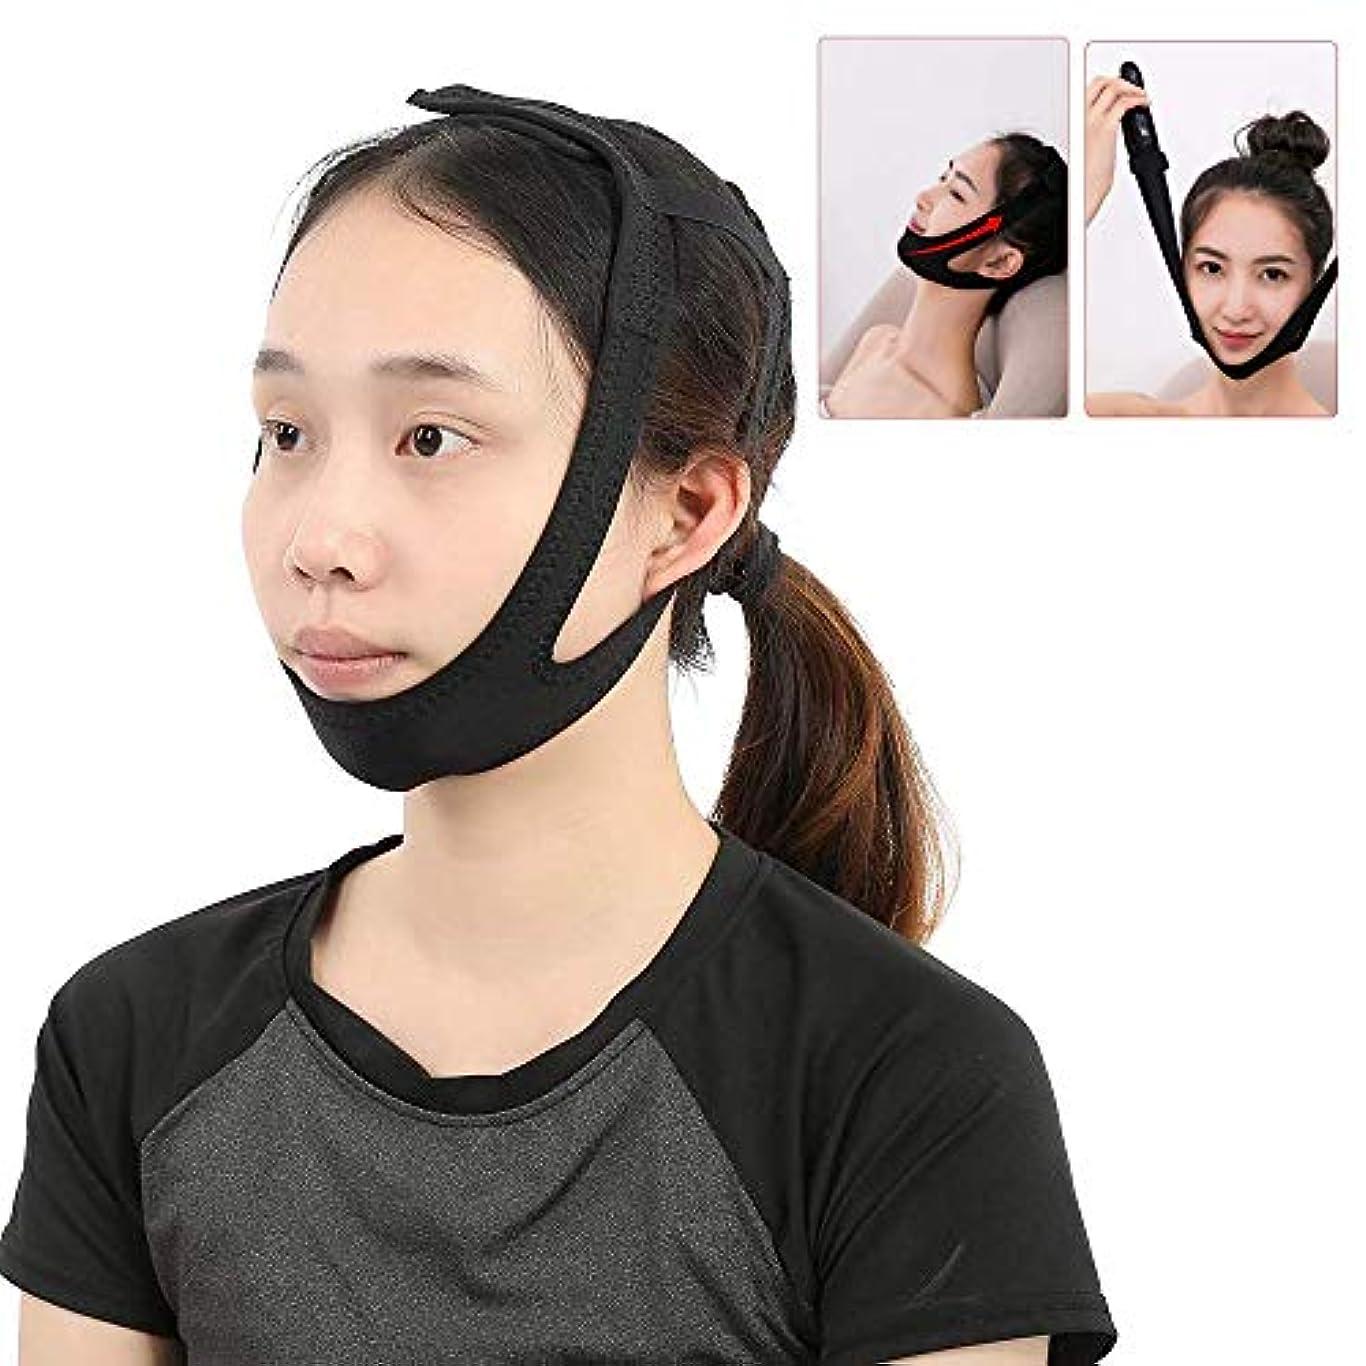 絶え間ない枕砂のVラインフェイシャルスリミングベルト-フェイスリフトマスク-肌を引き締めるための顔補正シェーパー包帯、ダブルチンとアンチリンクルの除去